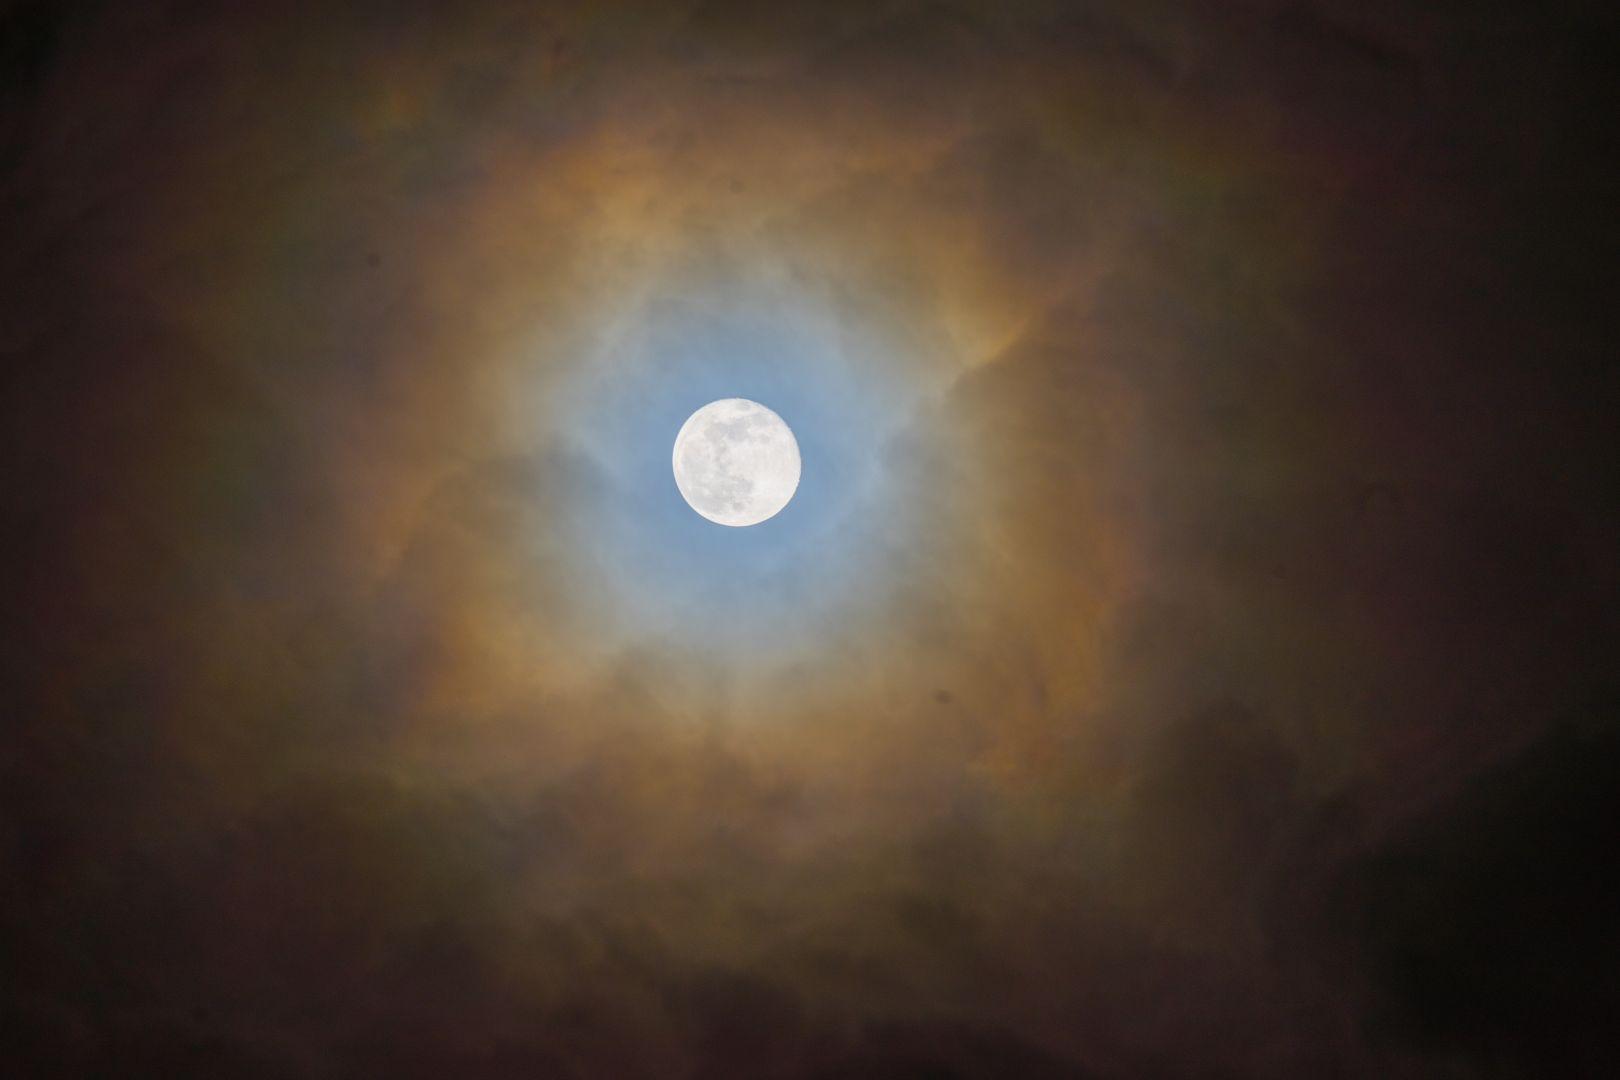 Mond mit Halo.jpg